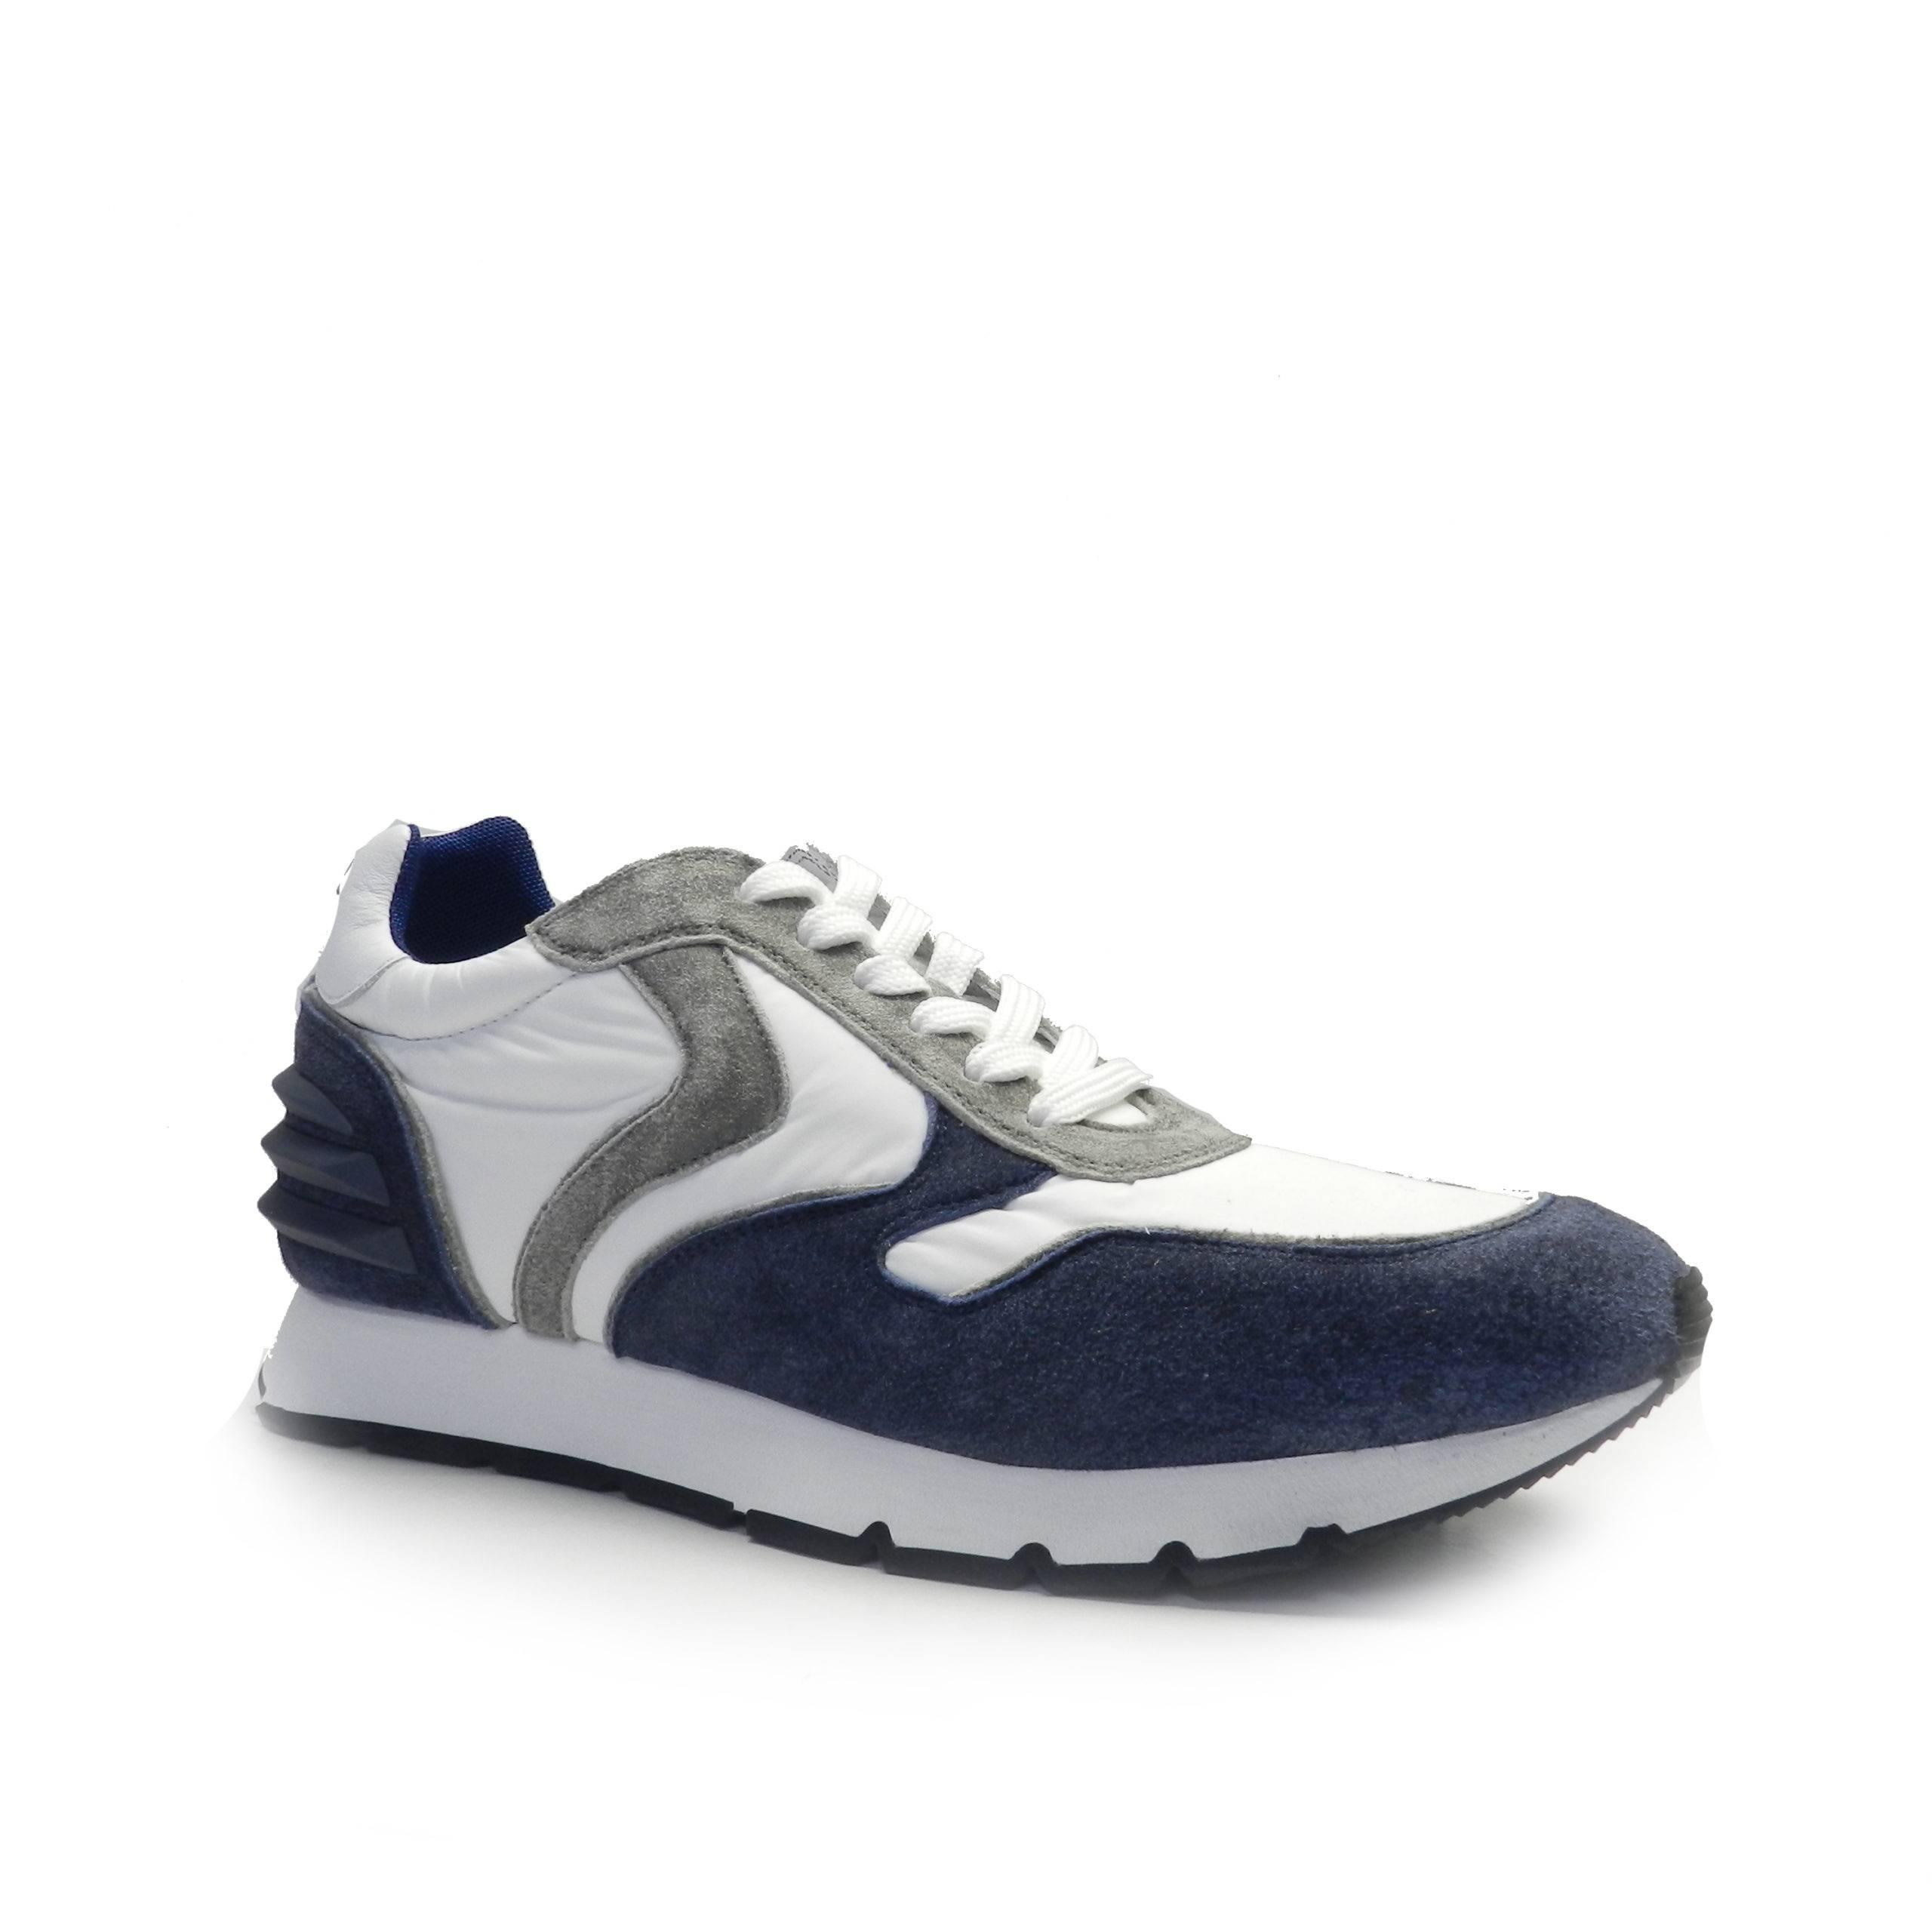 sneakers de cordones combinado en piel de nobuck azul franja gris y nylon blanco, marca Voile Blanche.